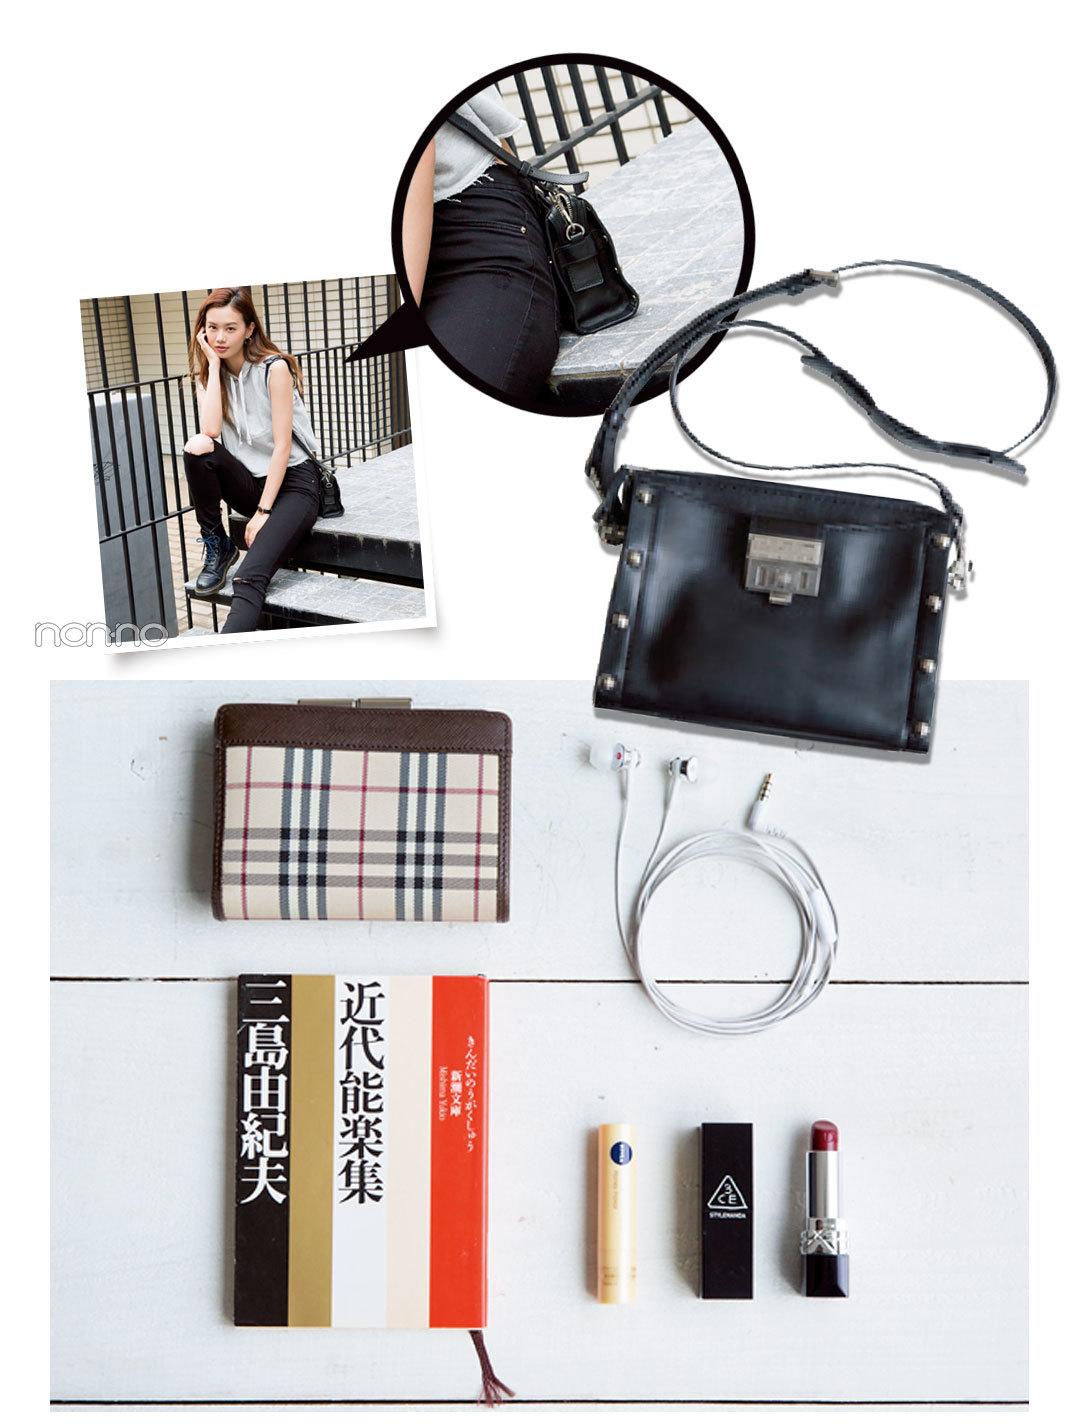 ノンノモデルのバッグとバッグの中身をのぞき見! サンローランのバッグも登場♡_1_1-3